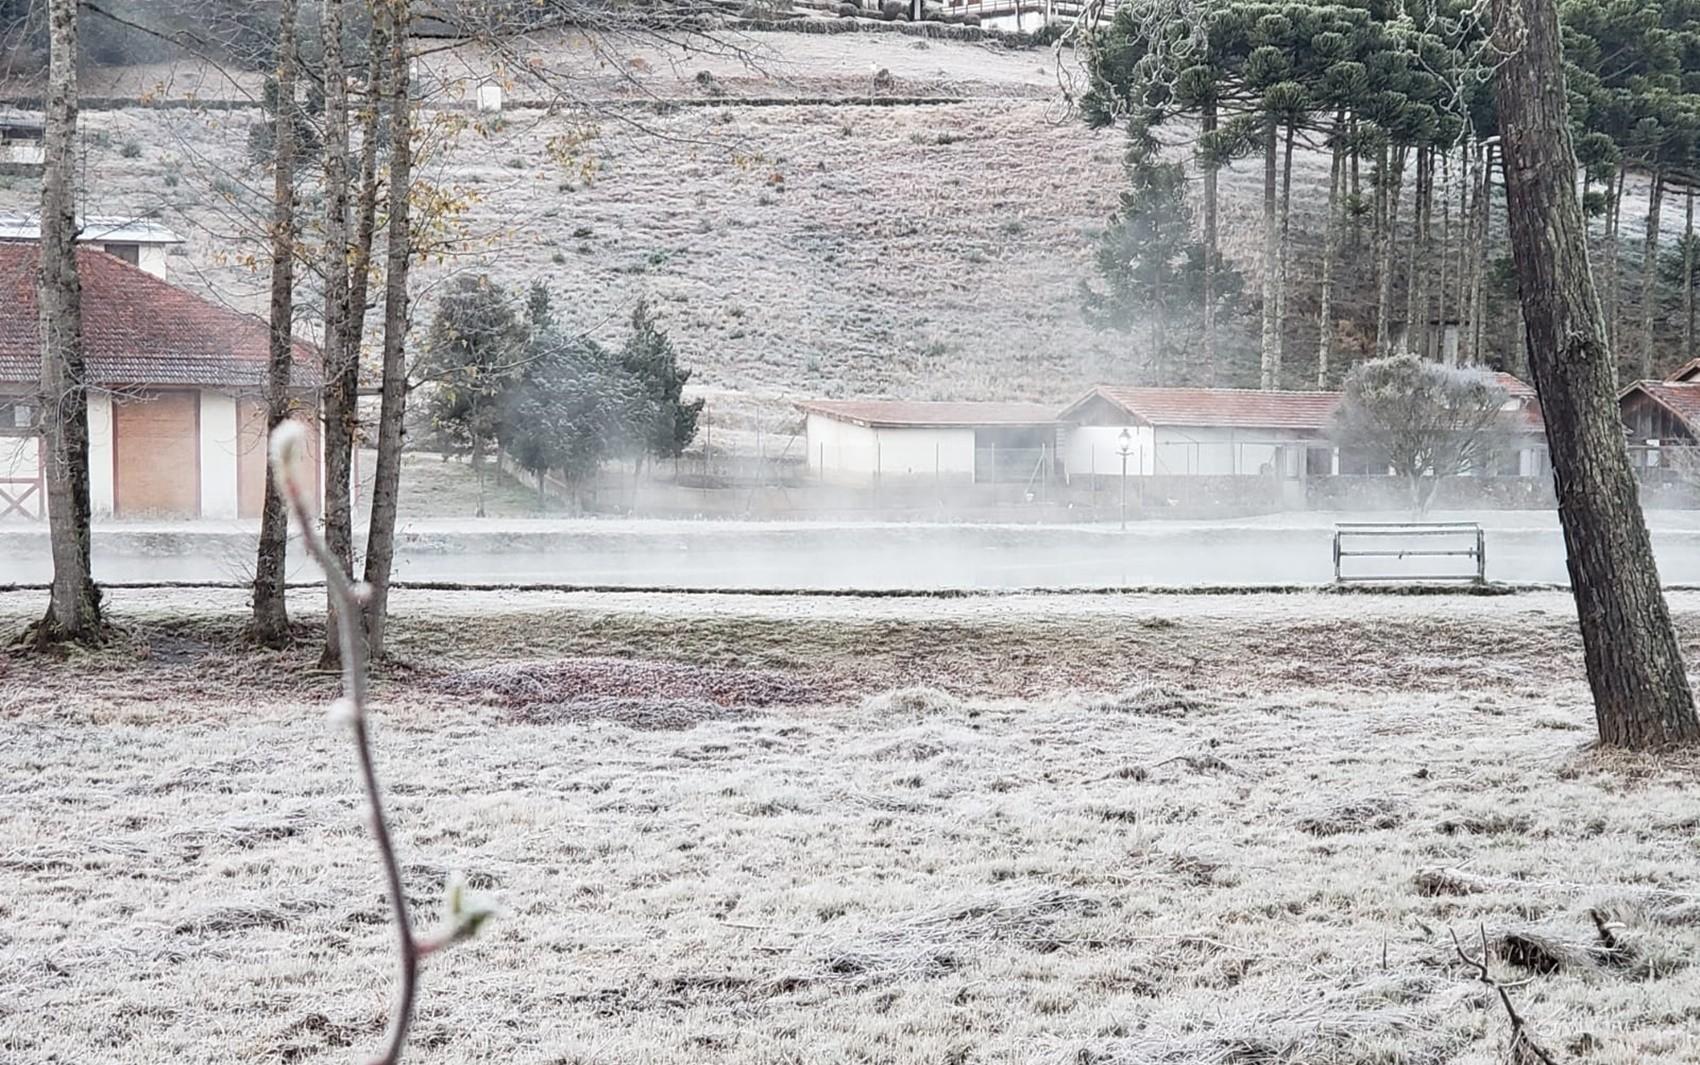 Com -4,5°C, Monte Verde, distrito de Camanducaia (MG), tem a menor temperatura oficial já registrada pelo Inmet